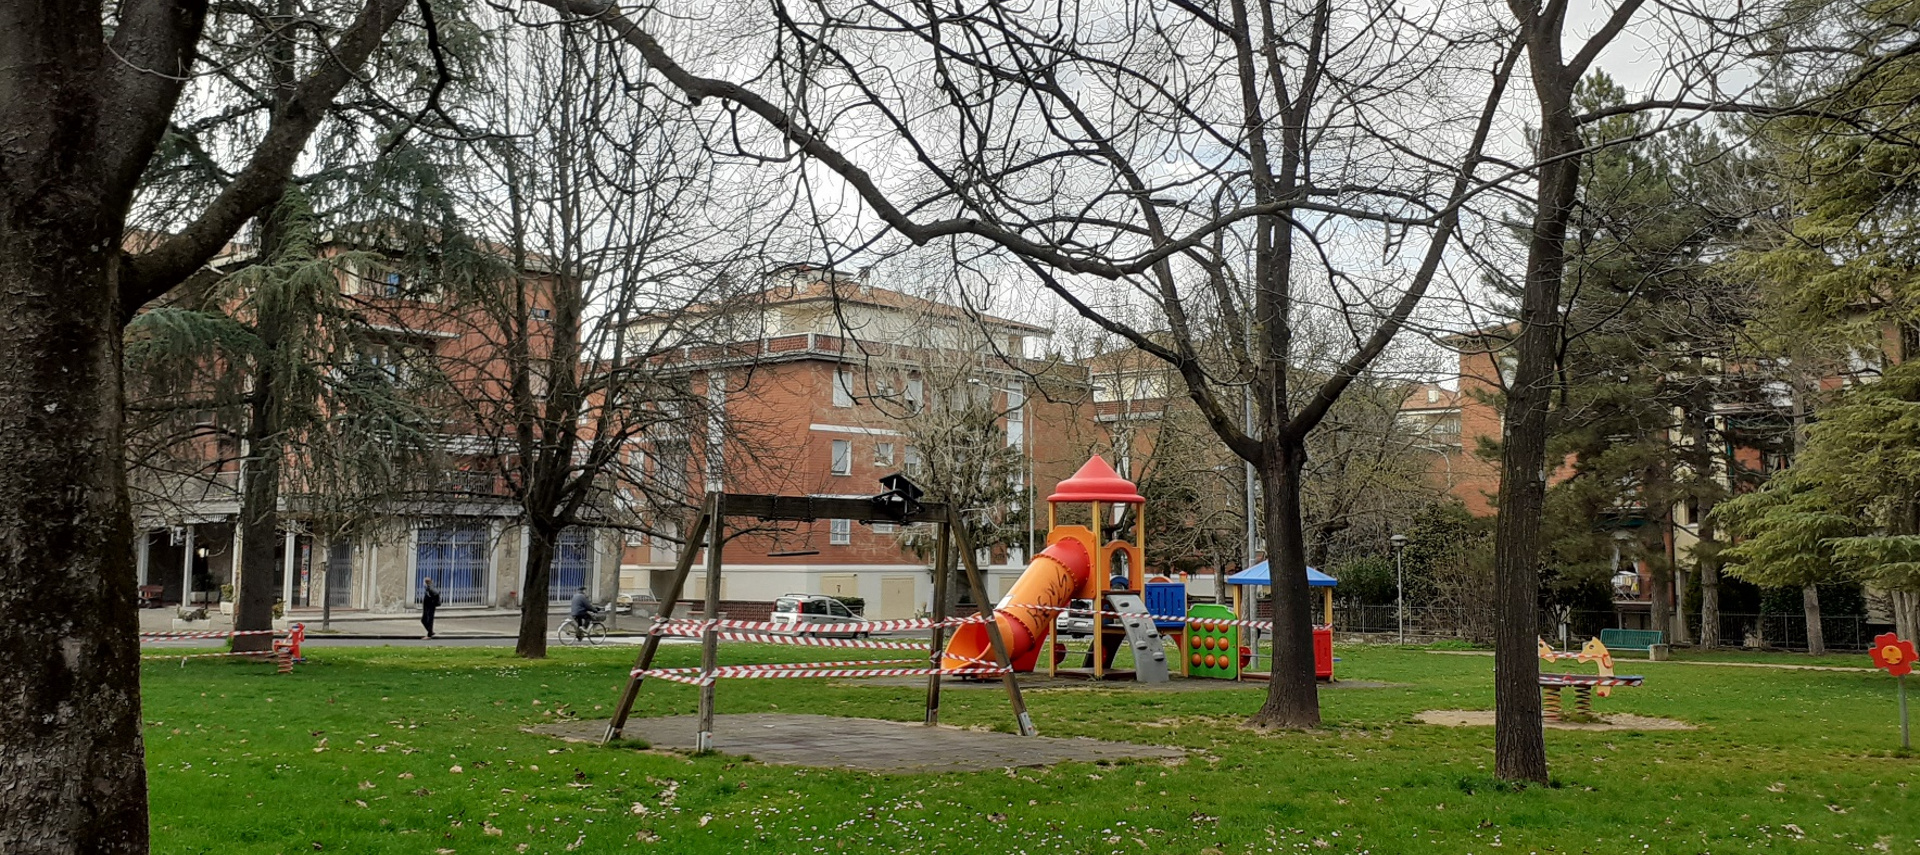 Foto: Comune di Catel San Pietro Terme